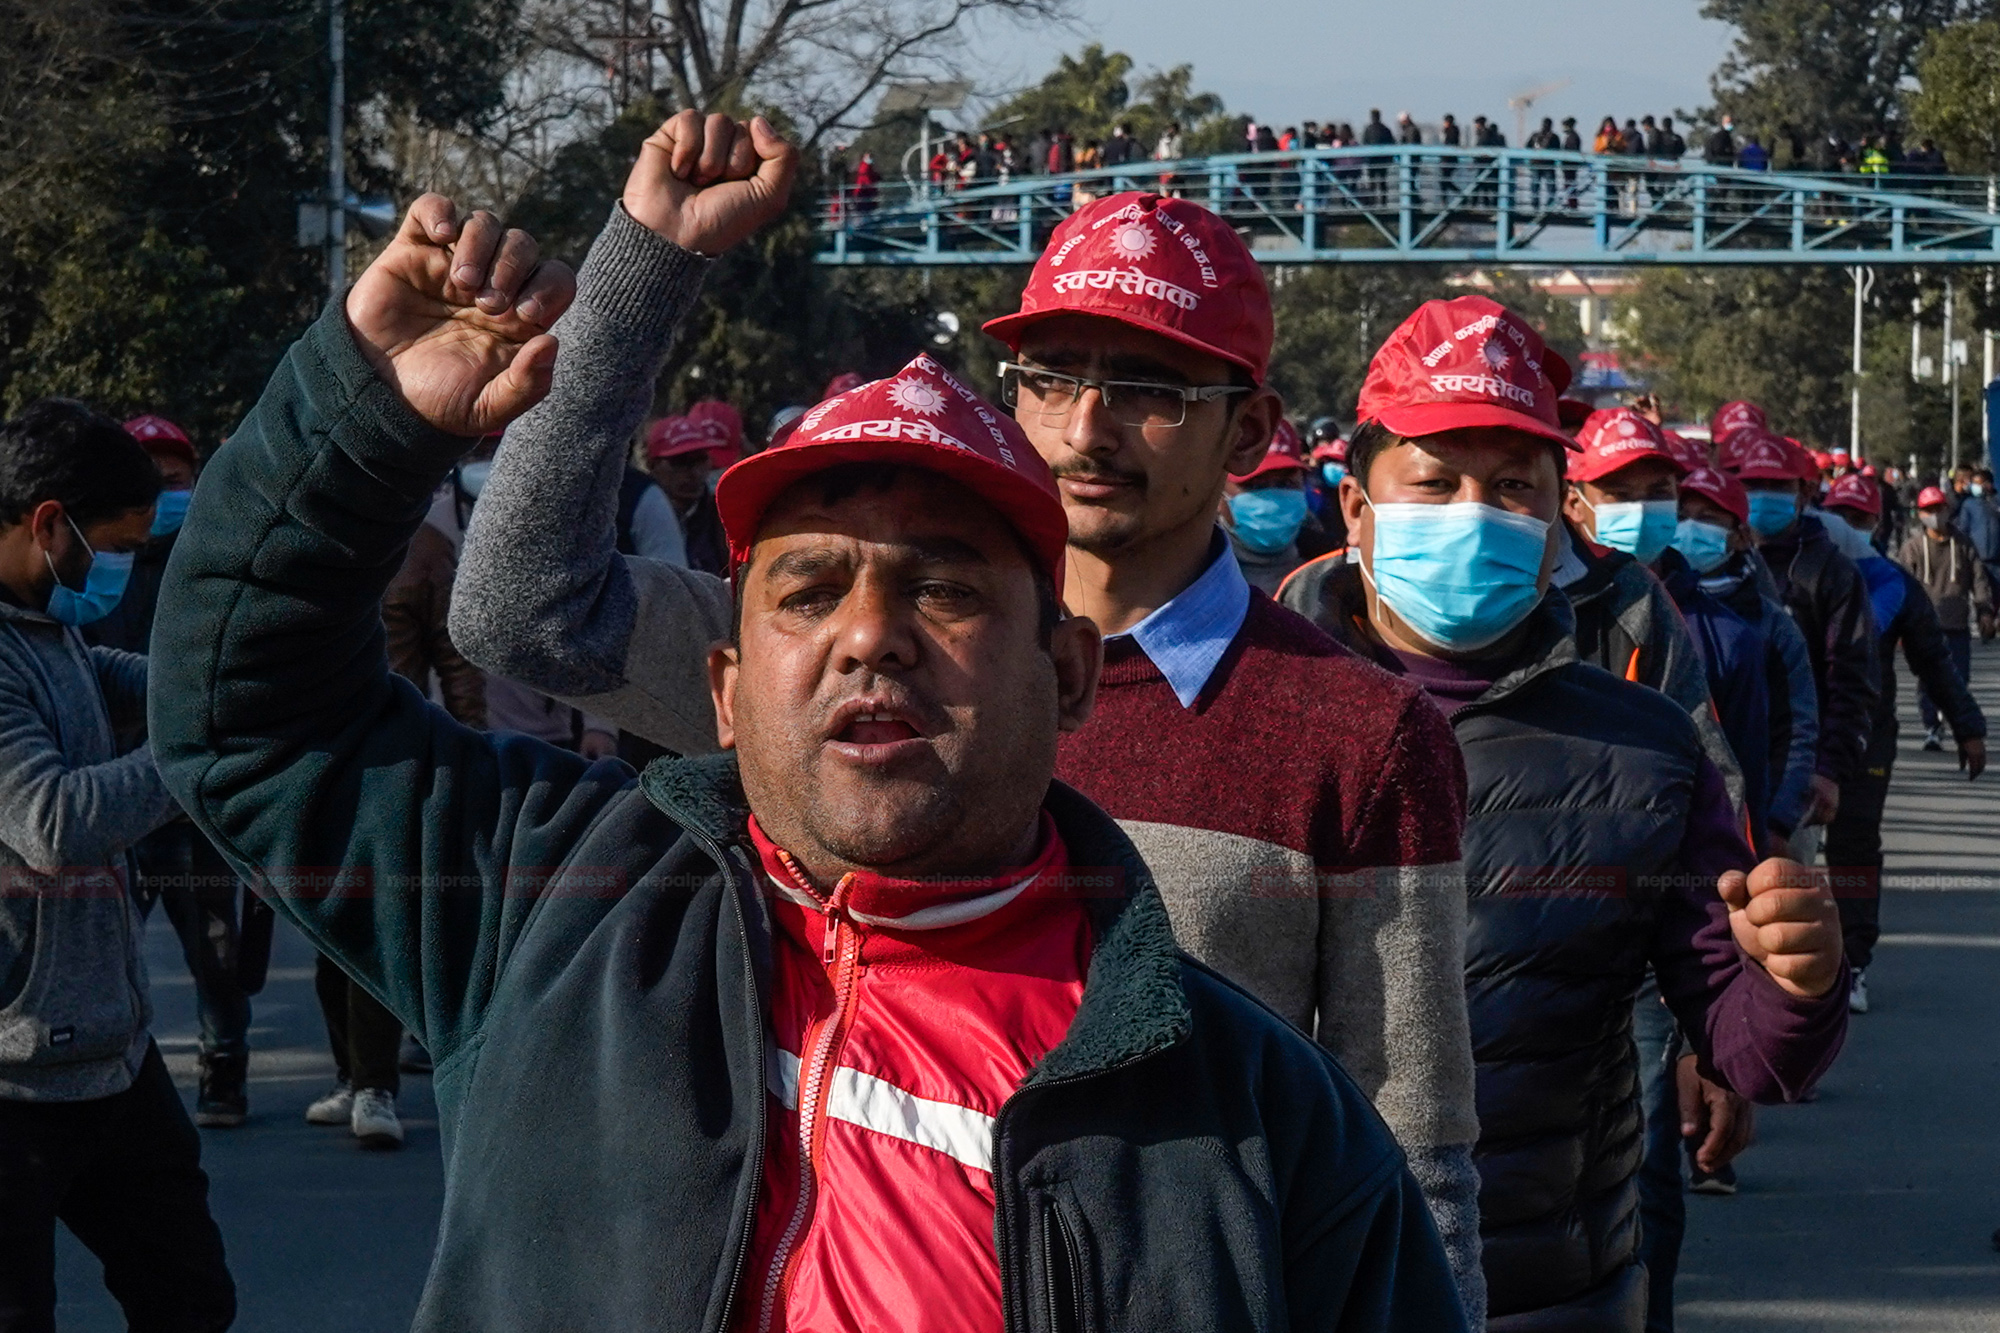 विरोधसभाको अघिल्लो दिन प्रचण्ड-माधव पक्षको मार्चपास